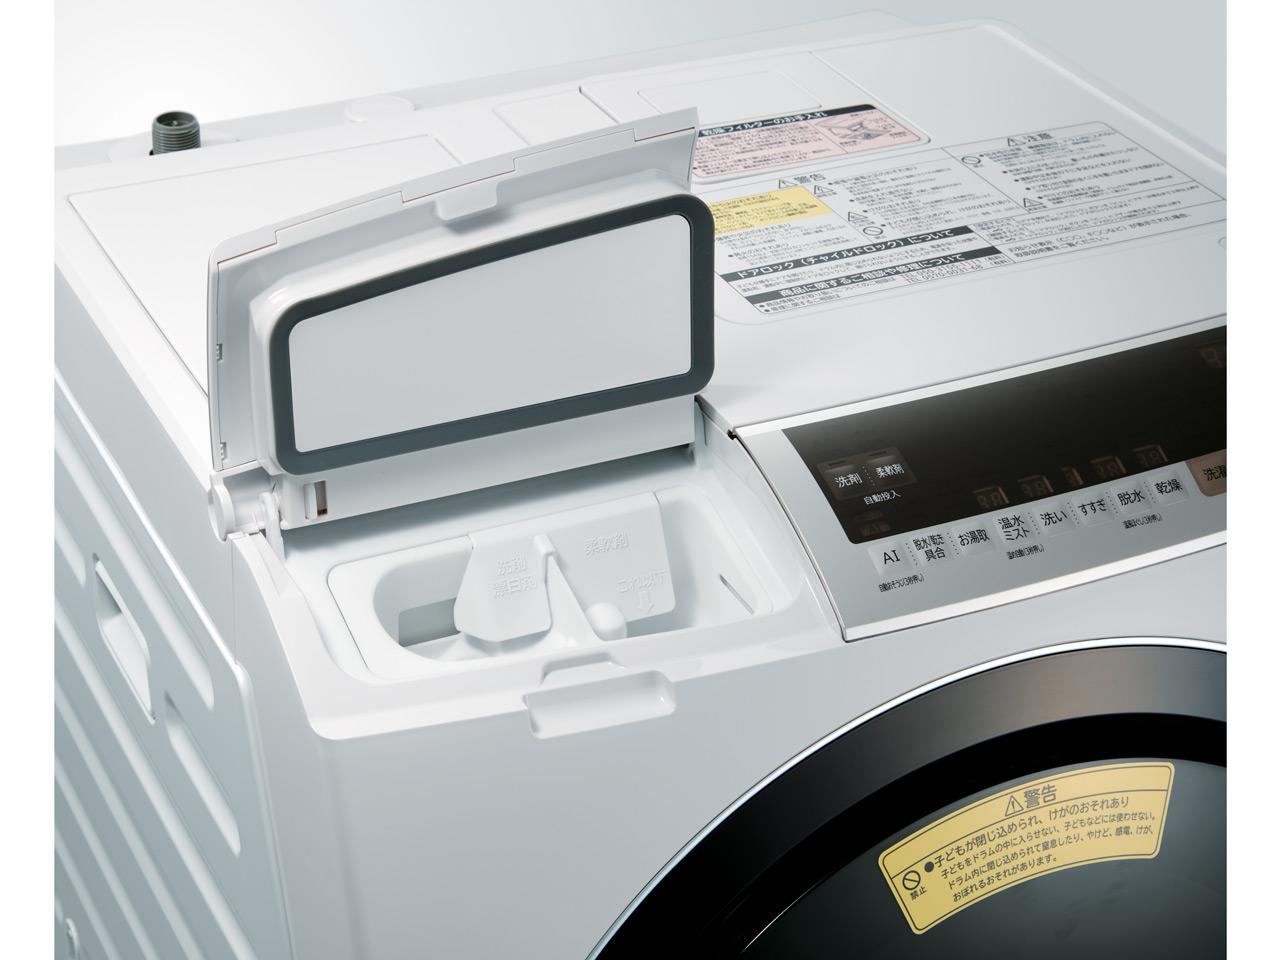 『本体 手動洗剤投入口部分』 ヒートリサイクル 風アイロン ビッグドラム BD-SX110CL の製品画像